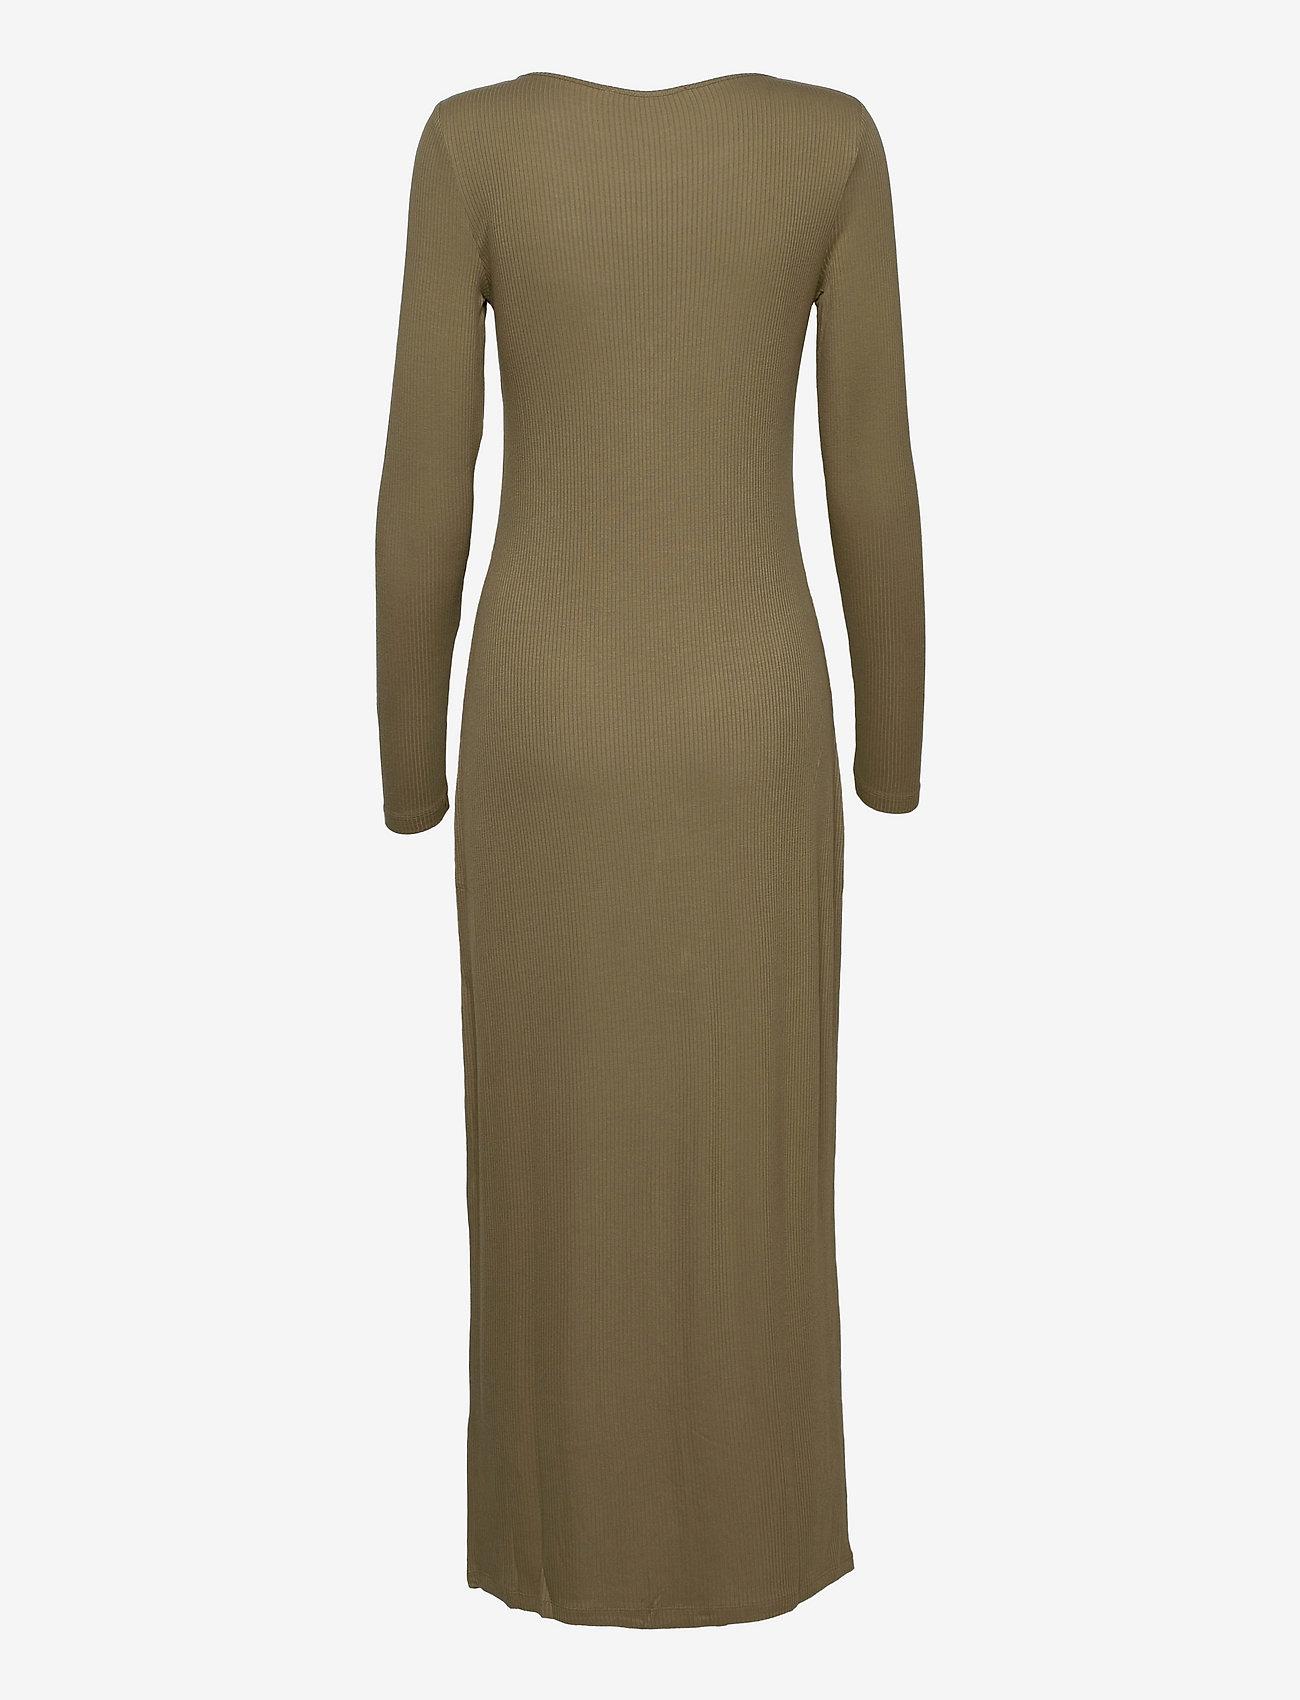 Samsøe Samsøe - Patty long dress 14119 - kveldskjoler - covert green - 1